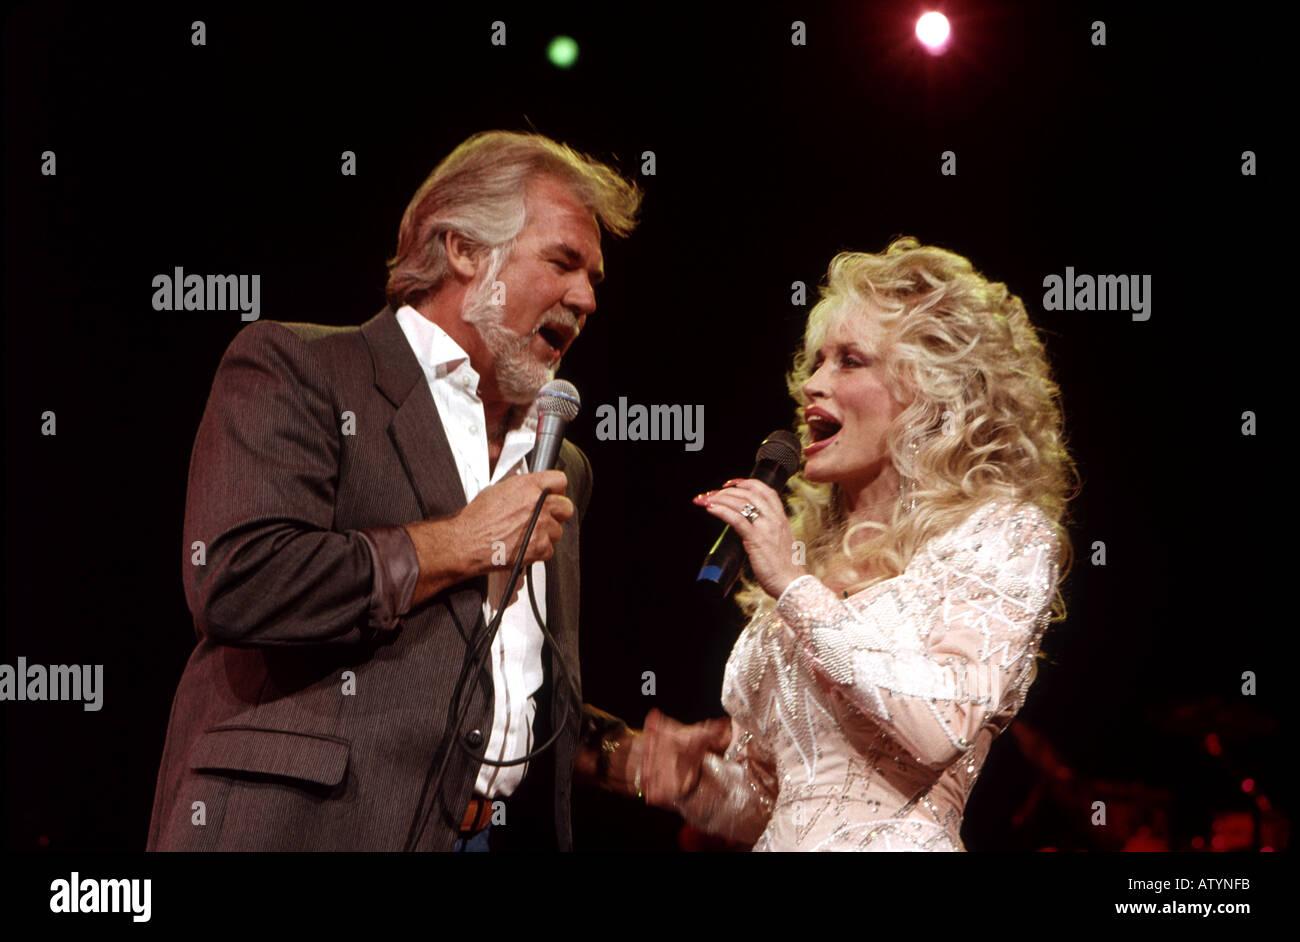 Kenny Rogers Dolly Parton Stock Photos & Kenny Rogers Dolly Parton ...